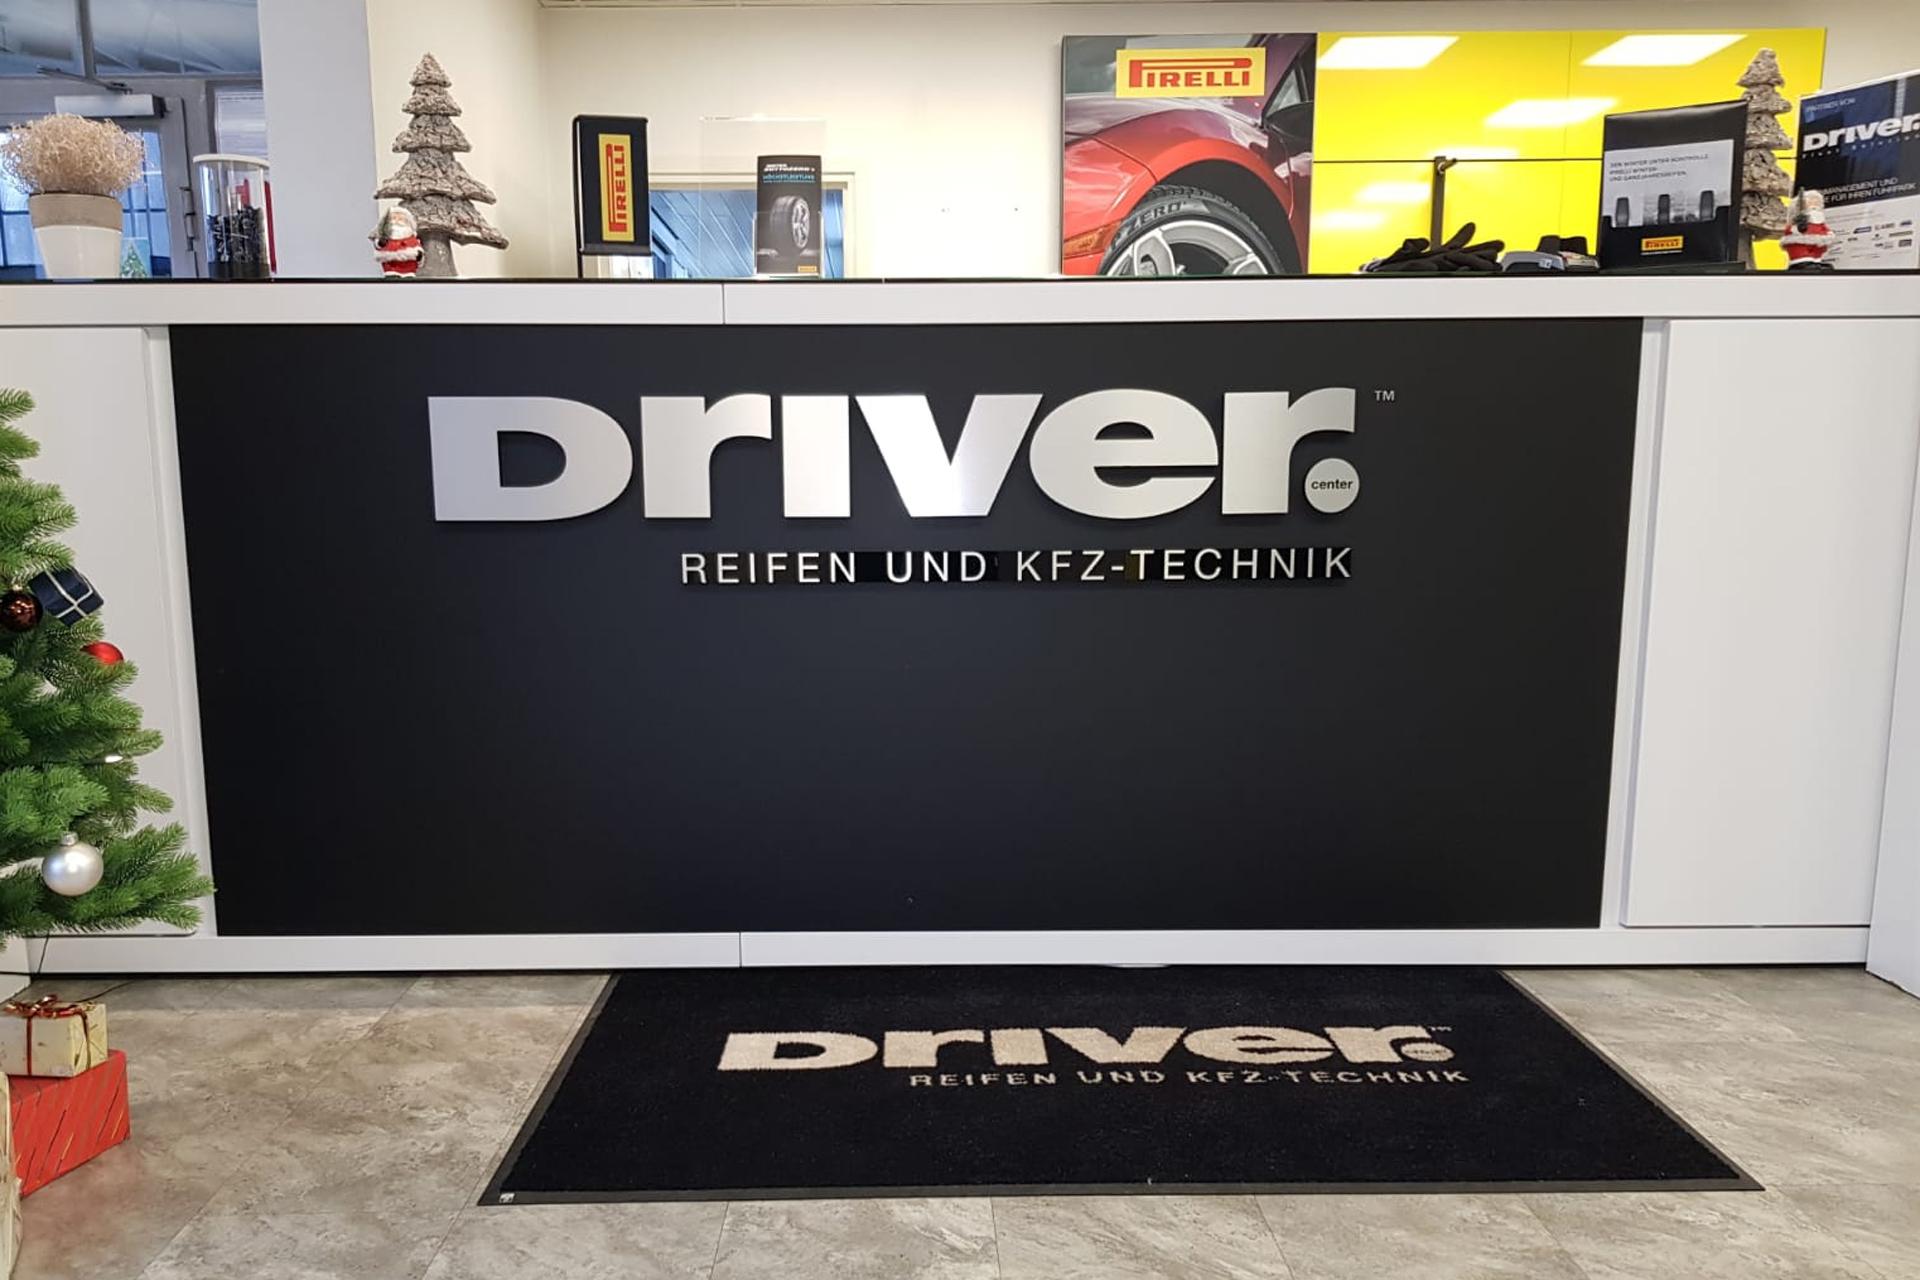 Pirelli Driver Schriftzug